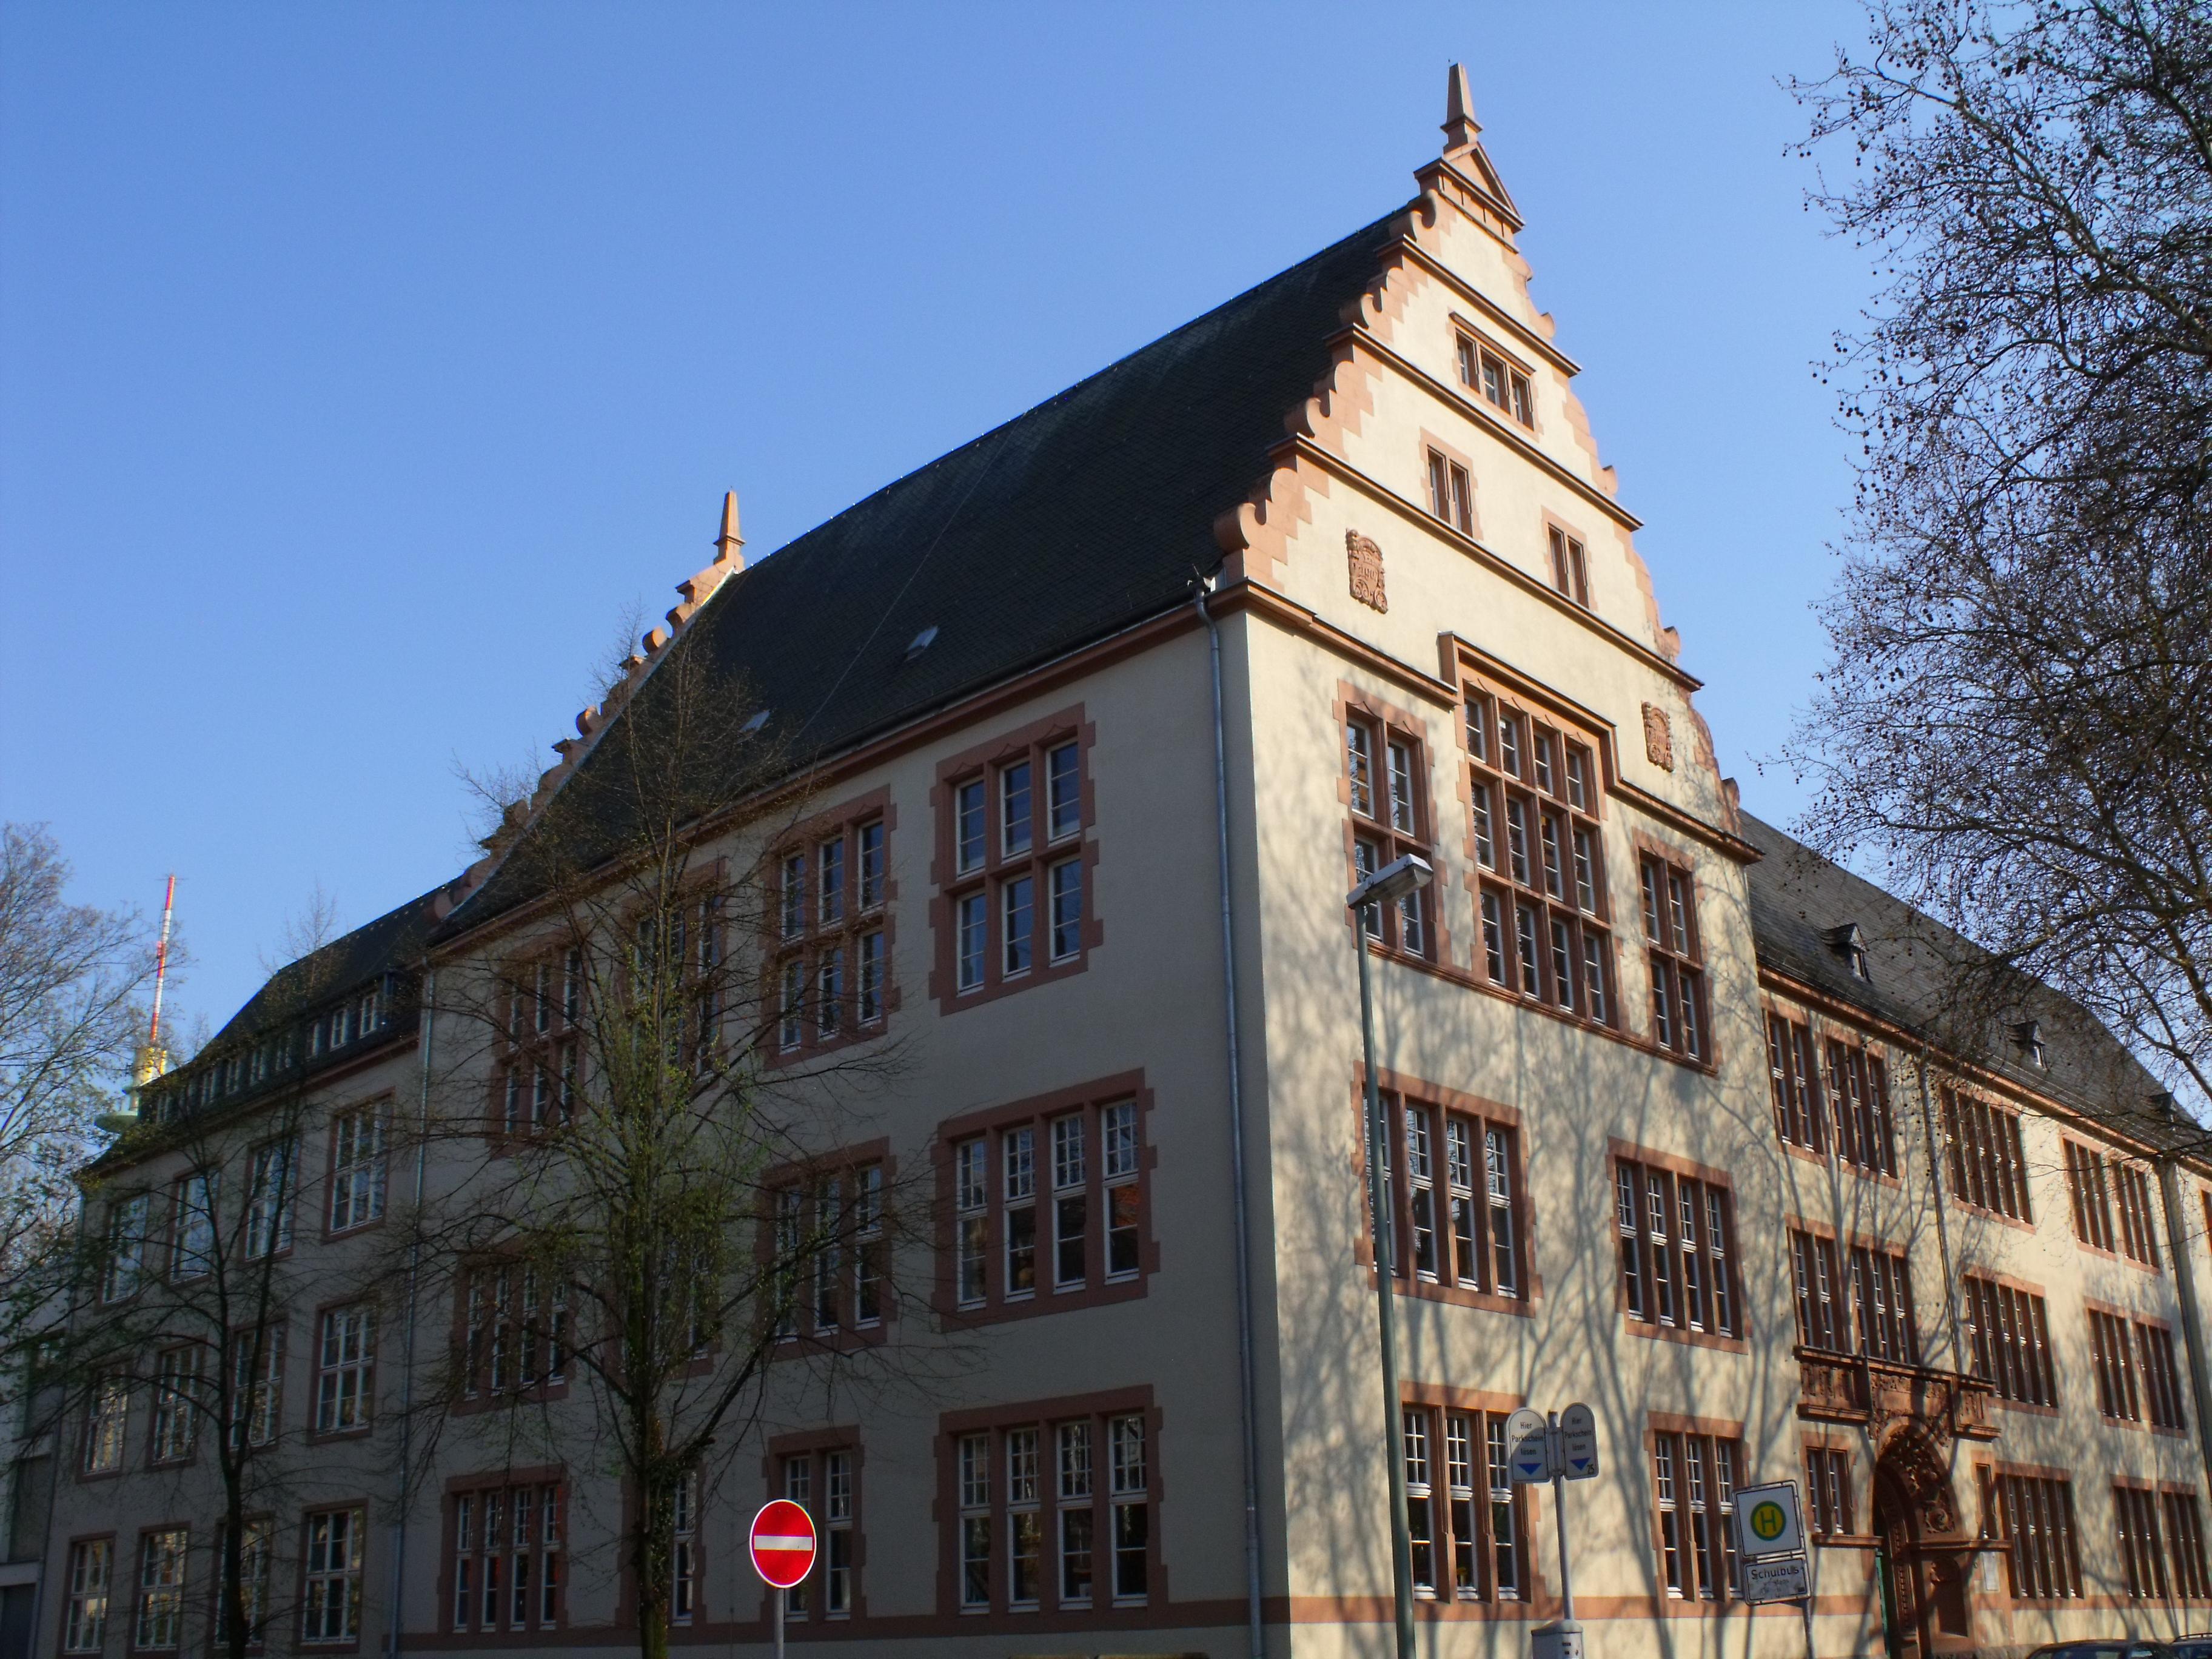 Mittelschule datiert ein Gymnasium